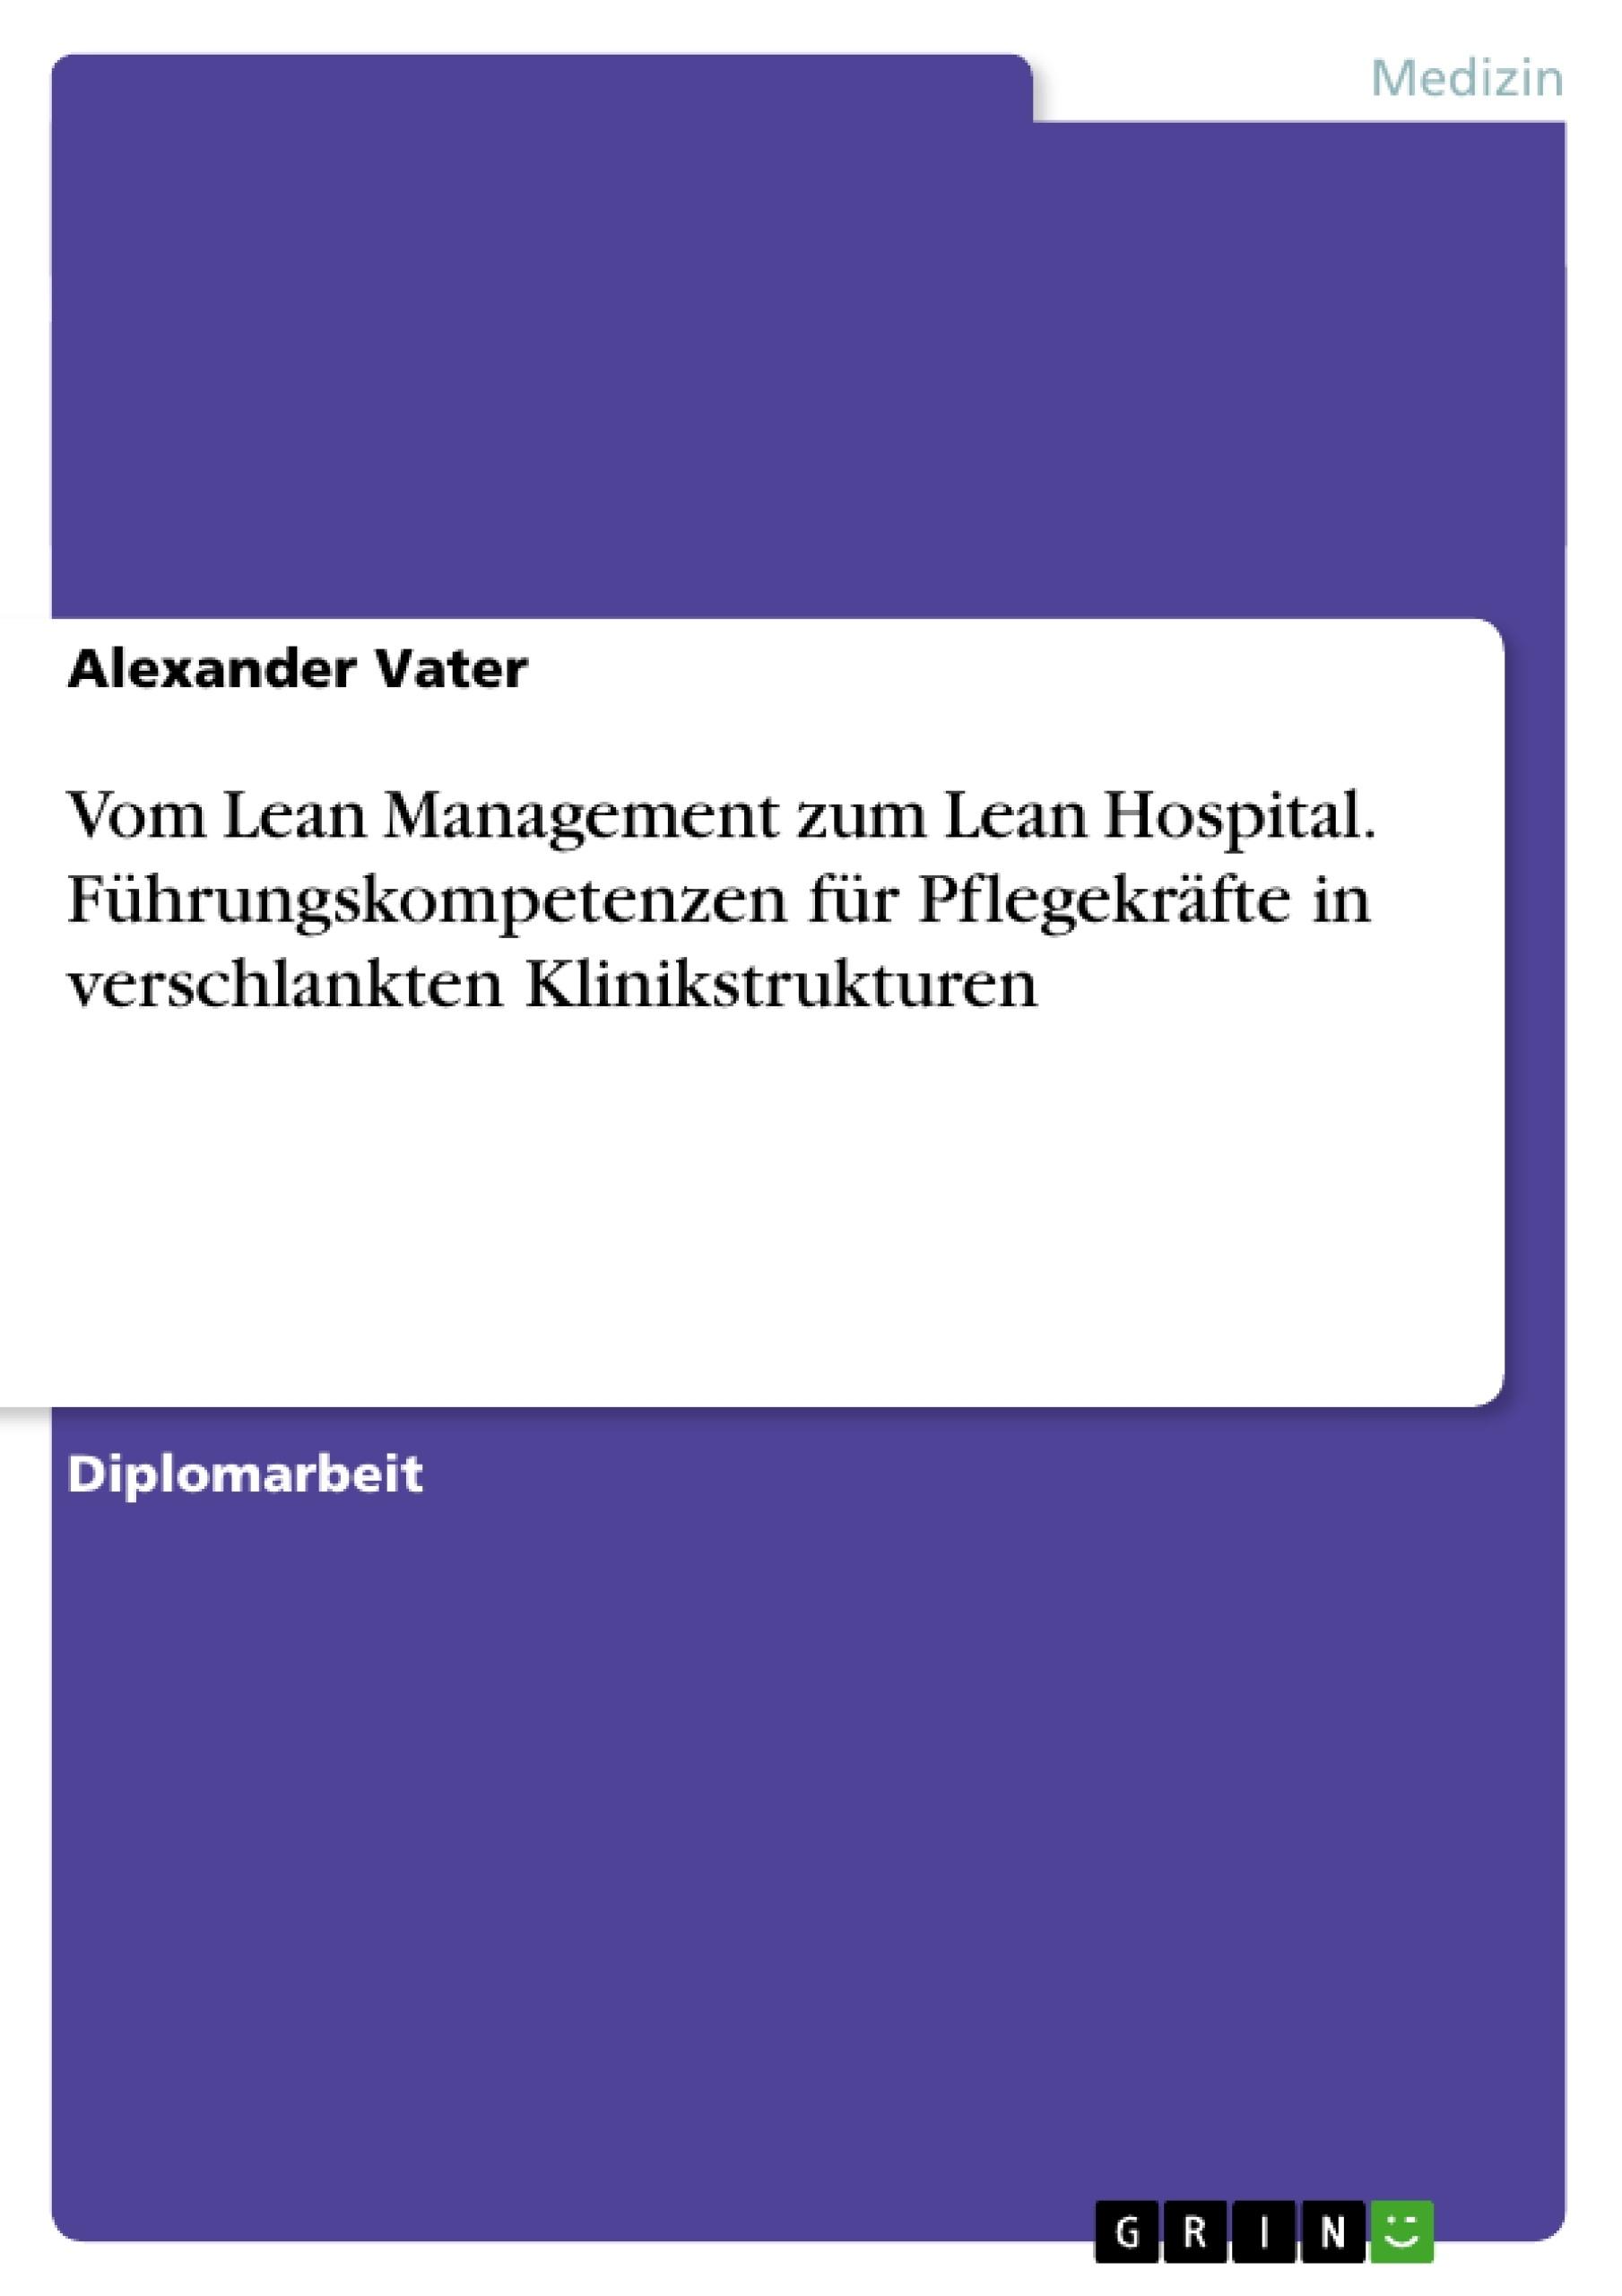 Titel: Vom Lean Management zum Lean Hospital. Führungskompetenzen für Pflegekräfte in verschlankten Klinikstrukturen